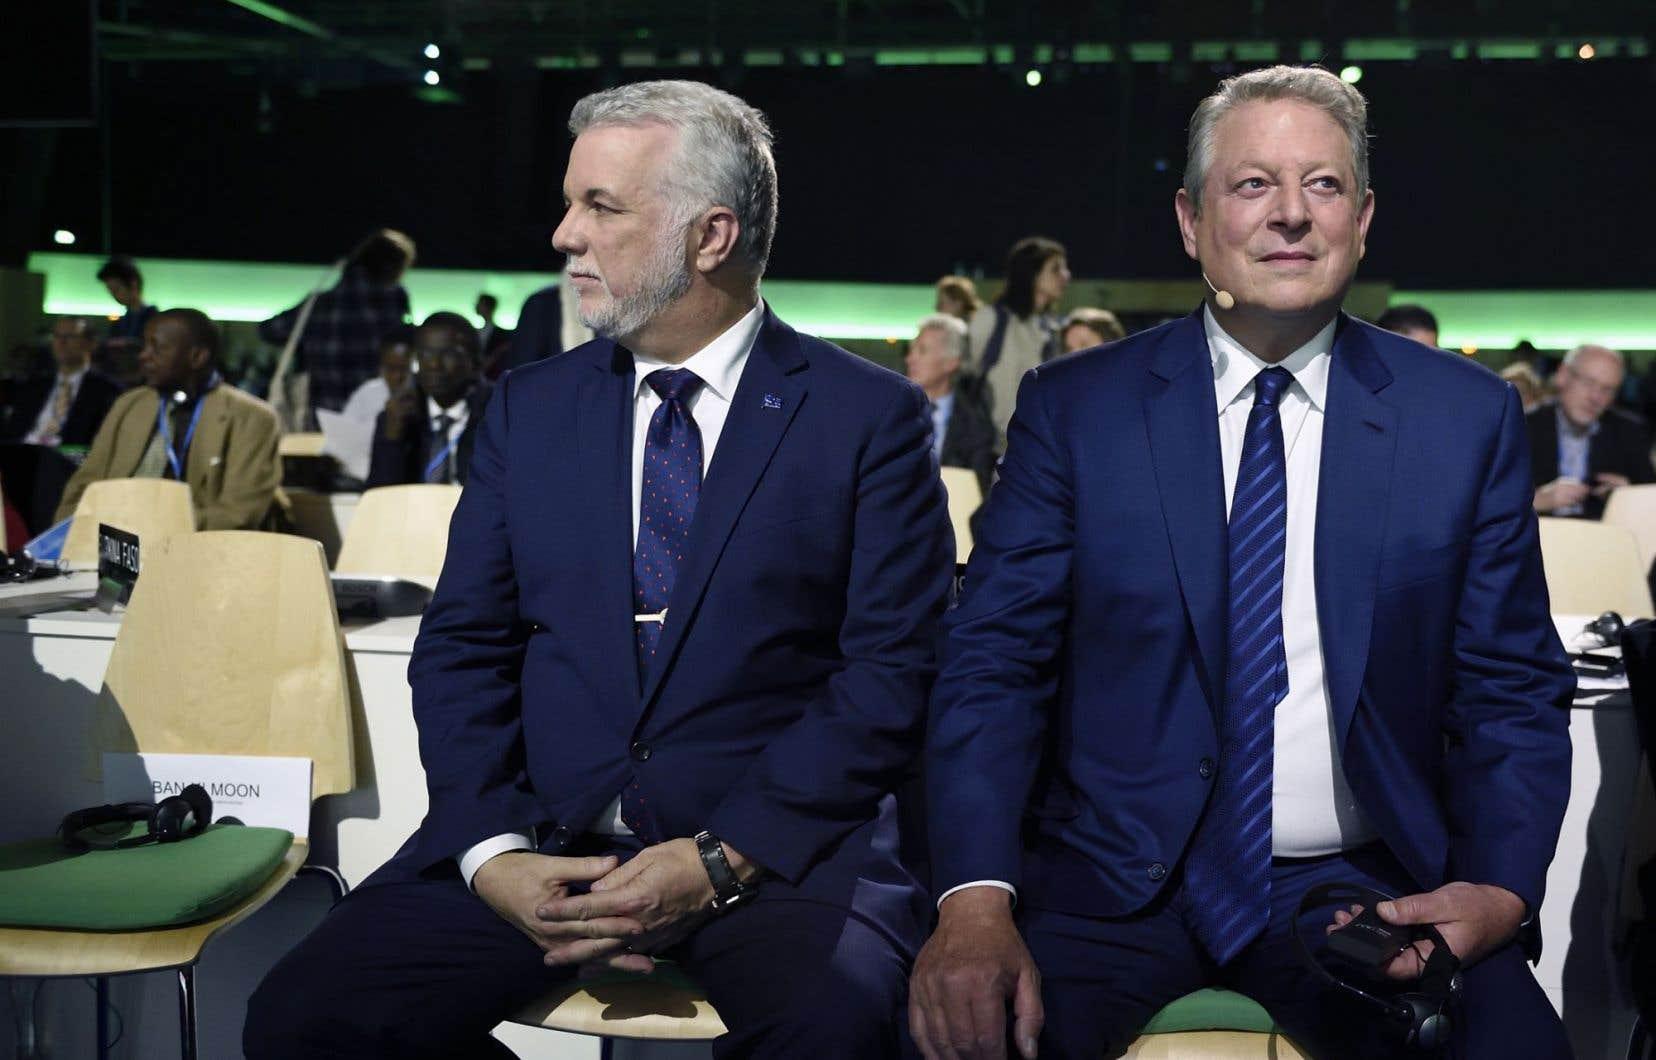 Philippe Couillard en compagnie d'Al Gore, ex-vice-président américain et militant pour le climat